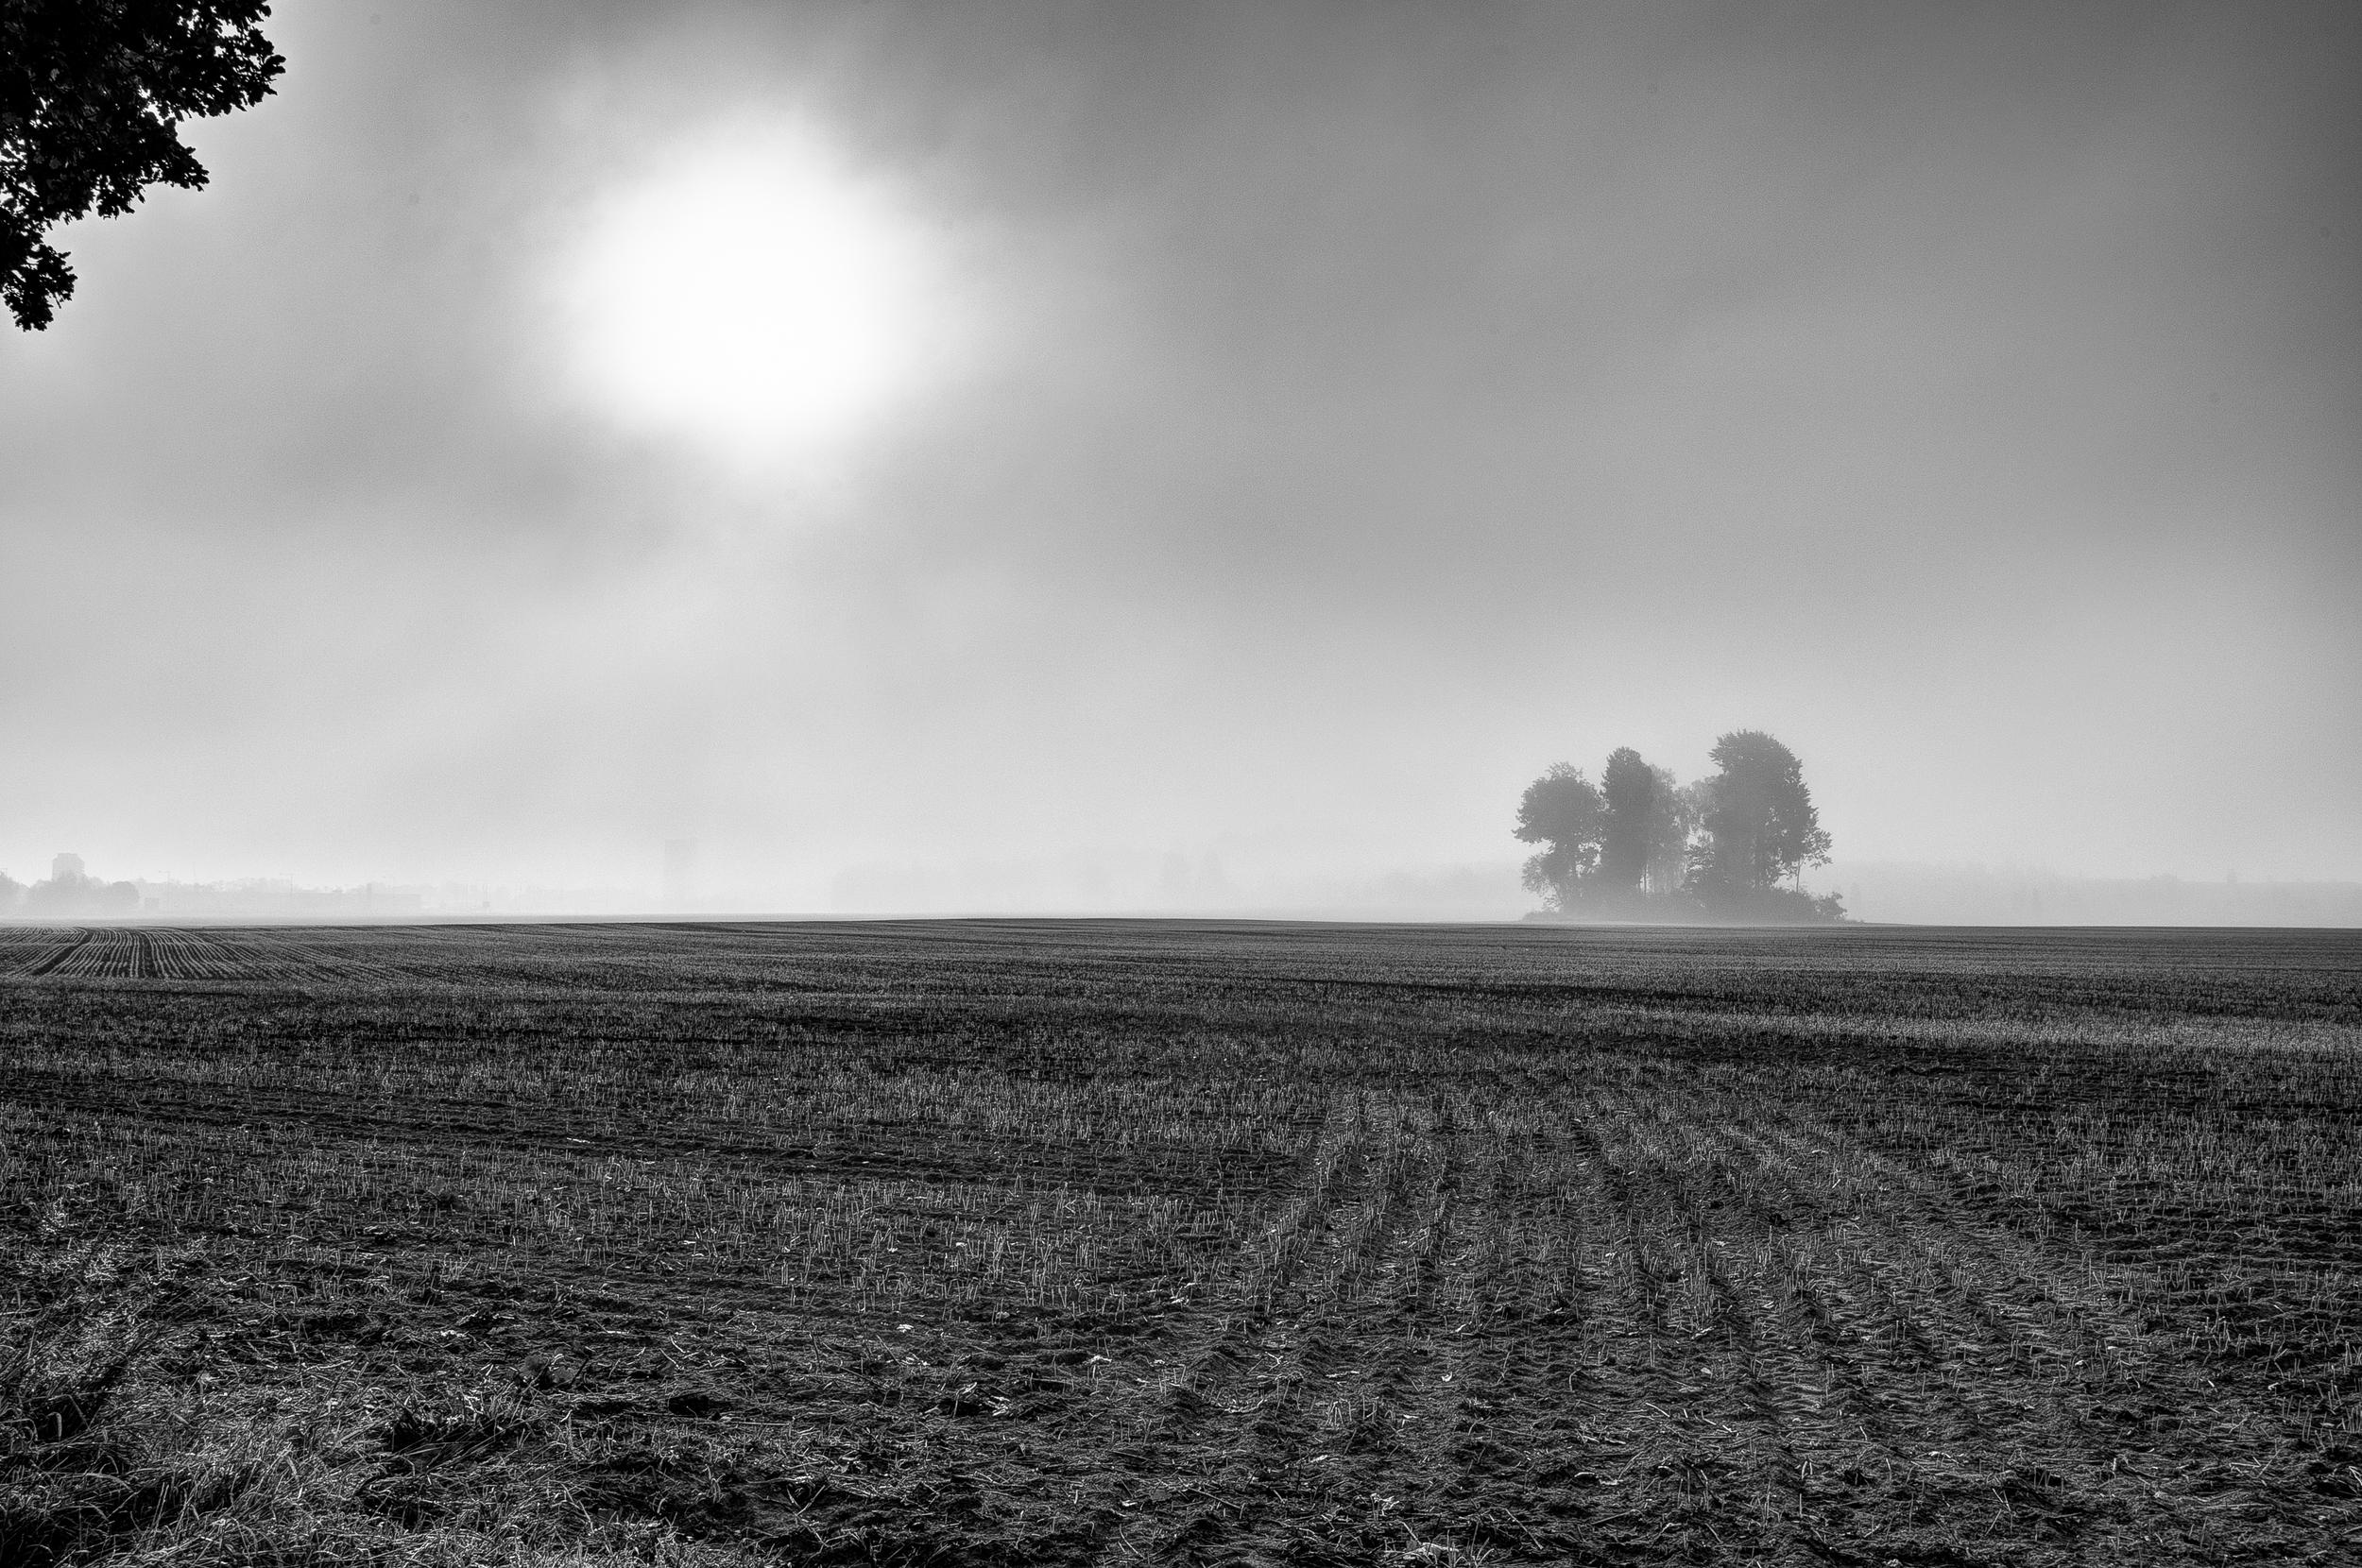 Misty Morning by Uffe Lundgren